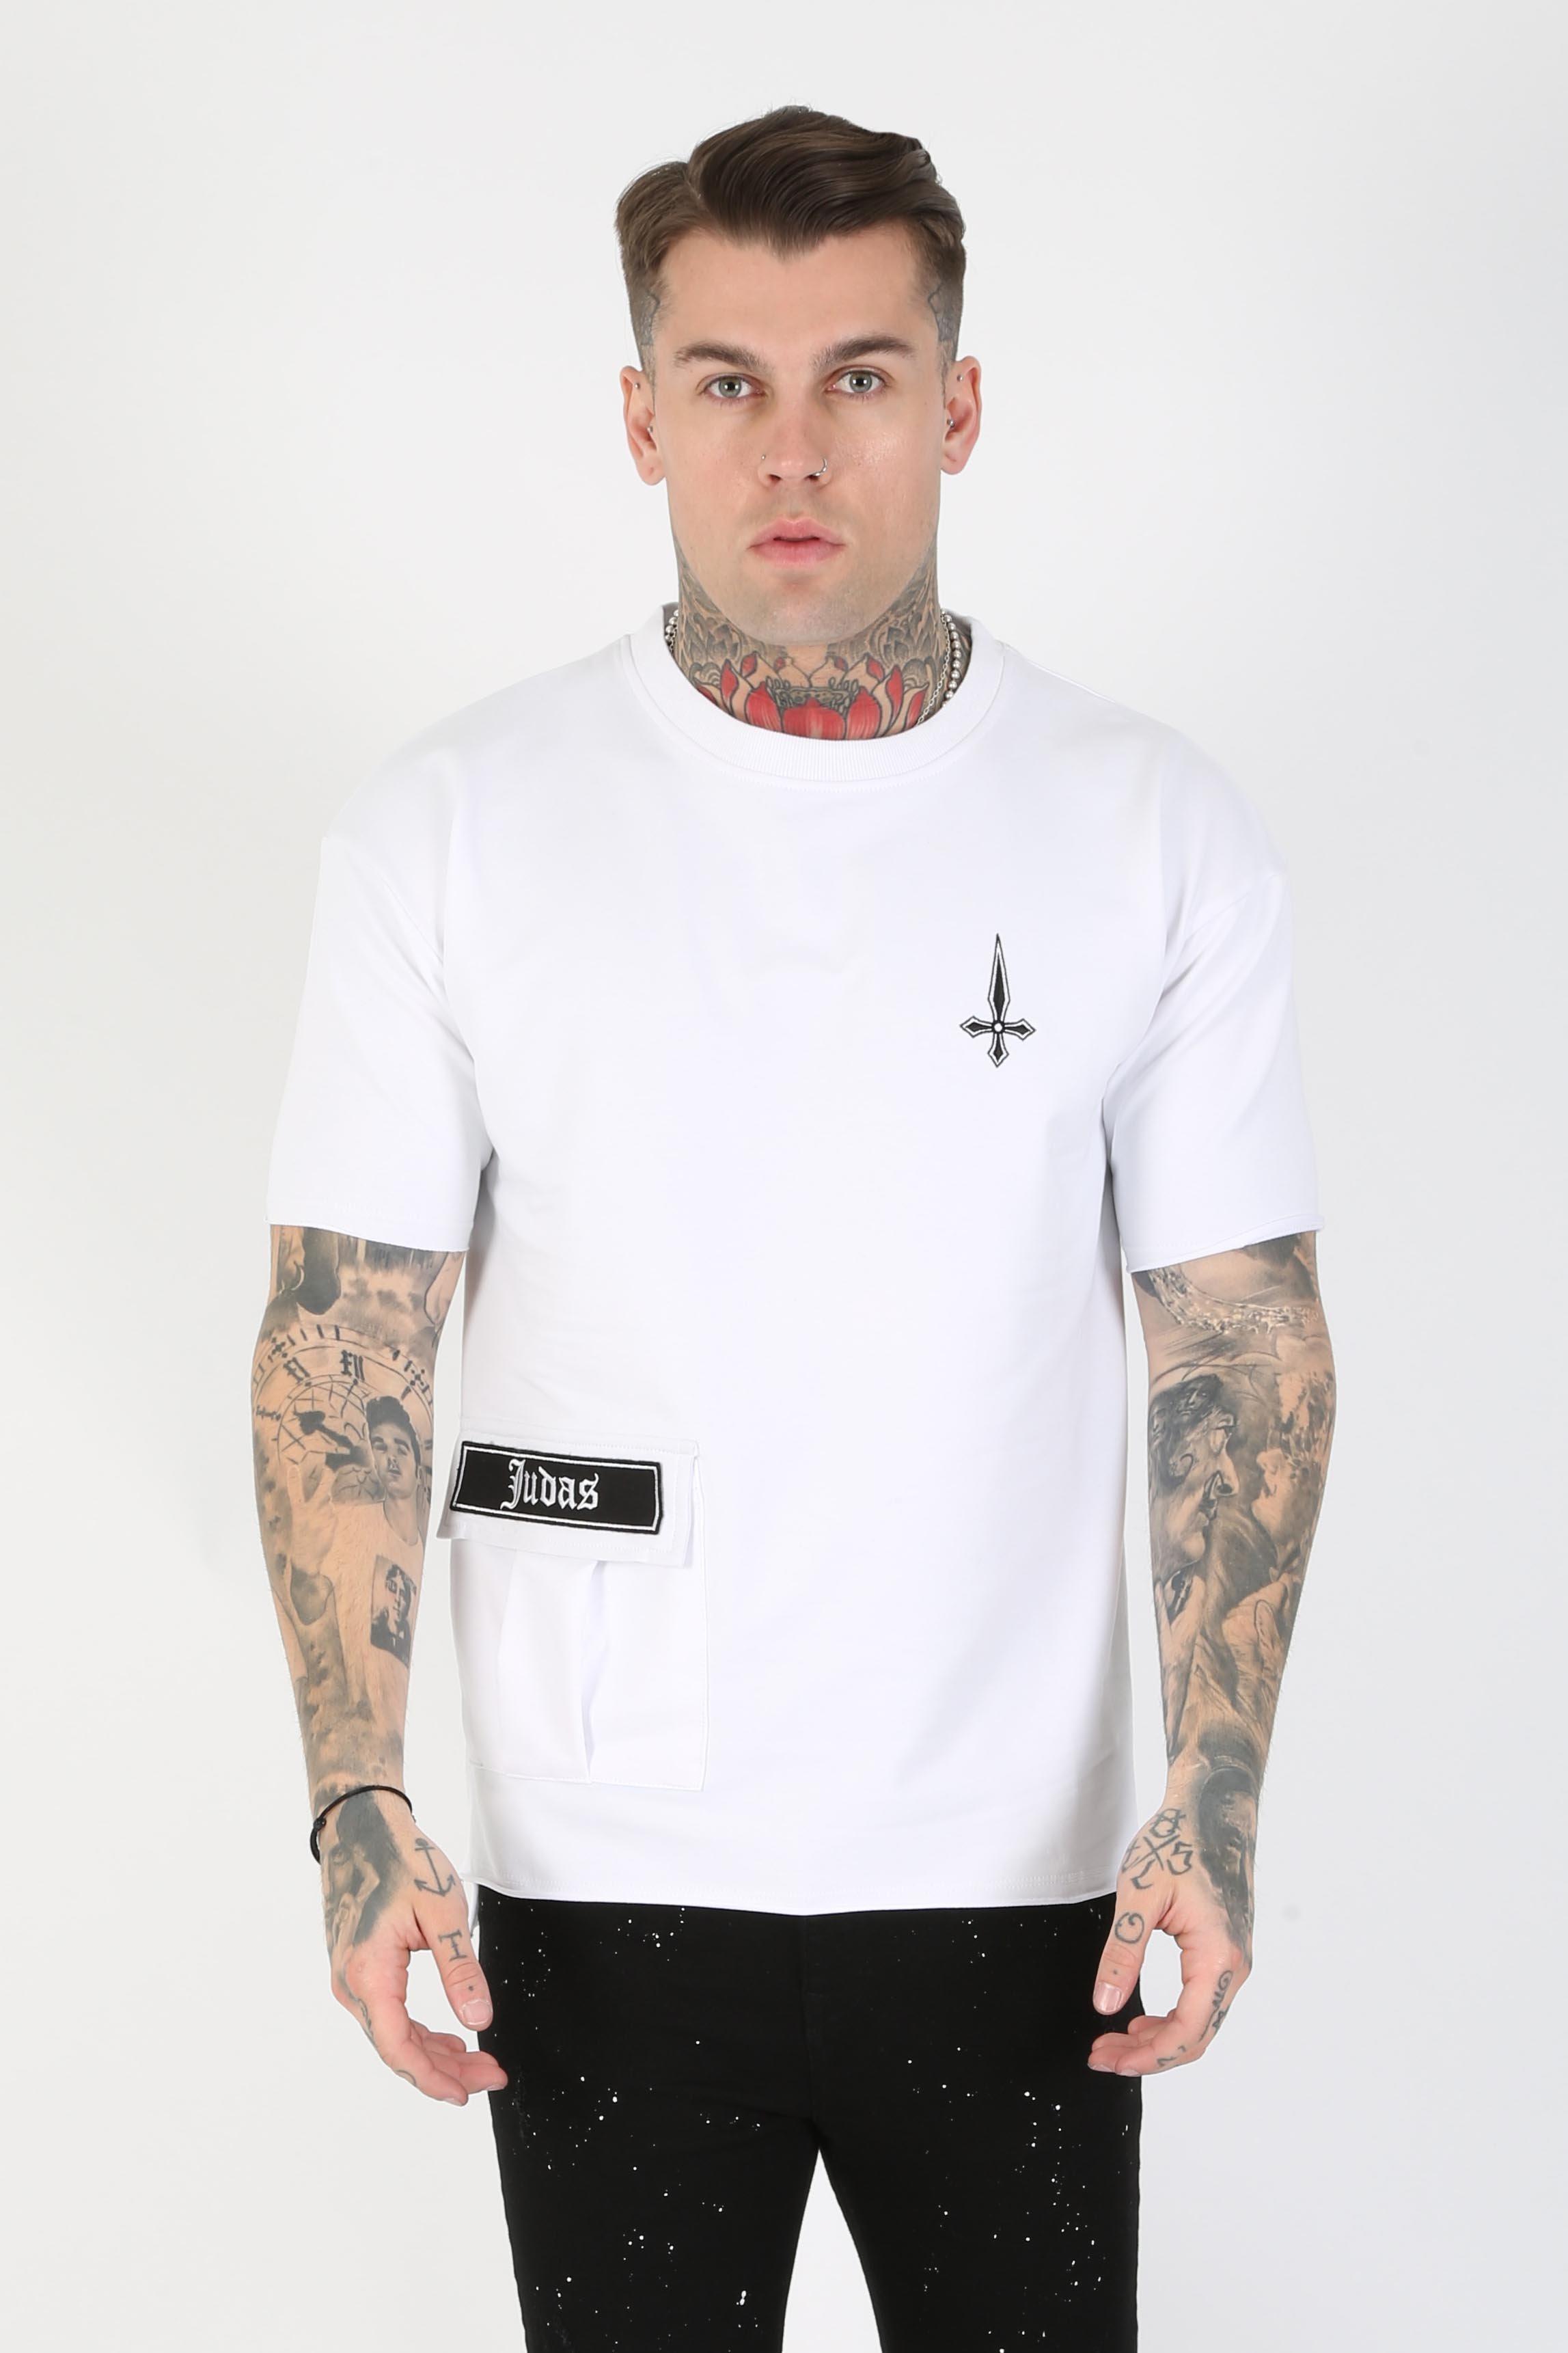 Stant Pocket Detail Men's T-Shirt - White, Medium